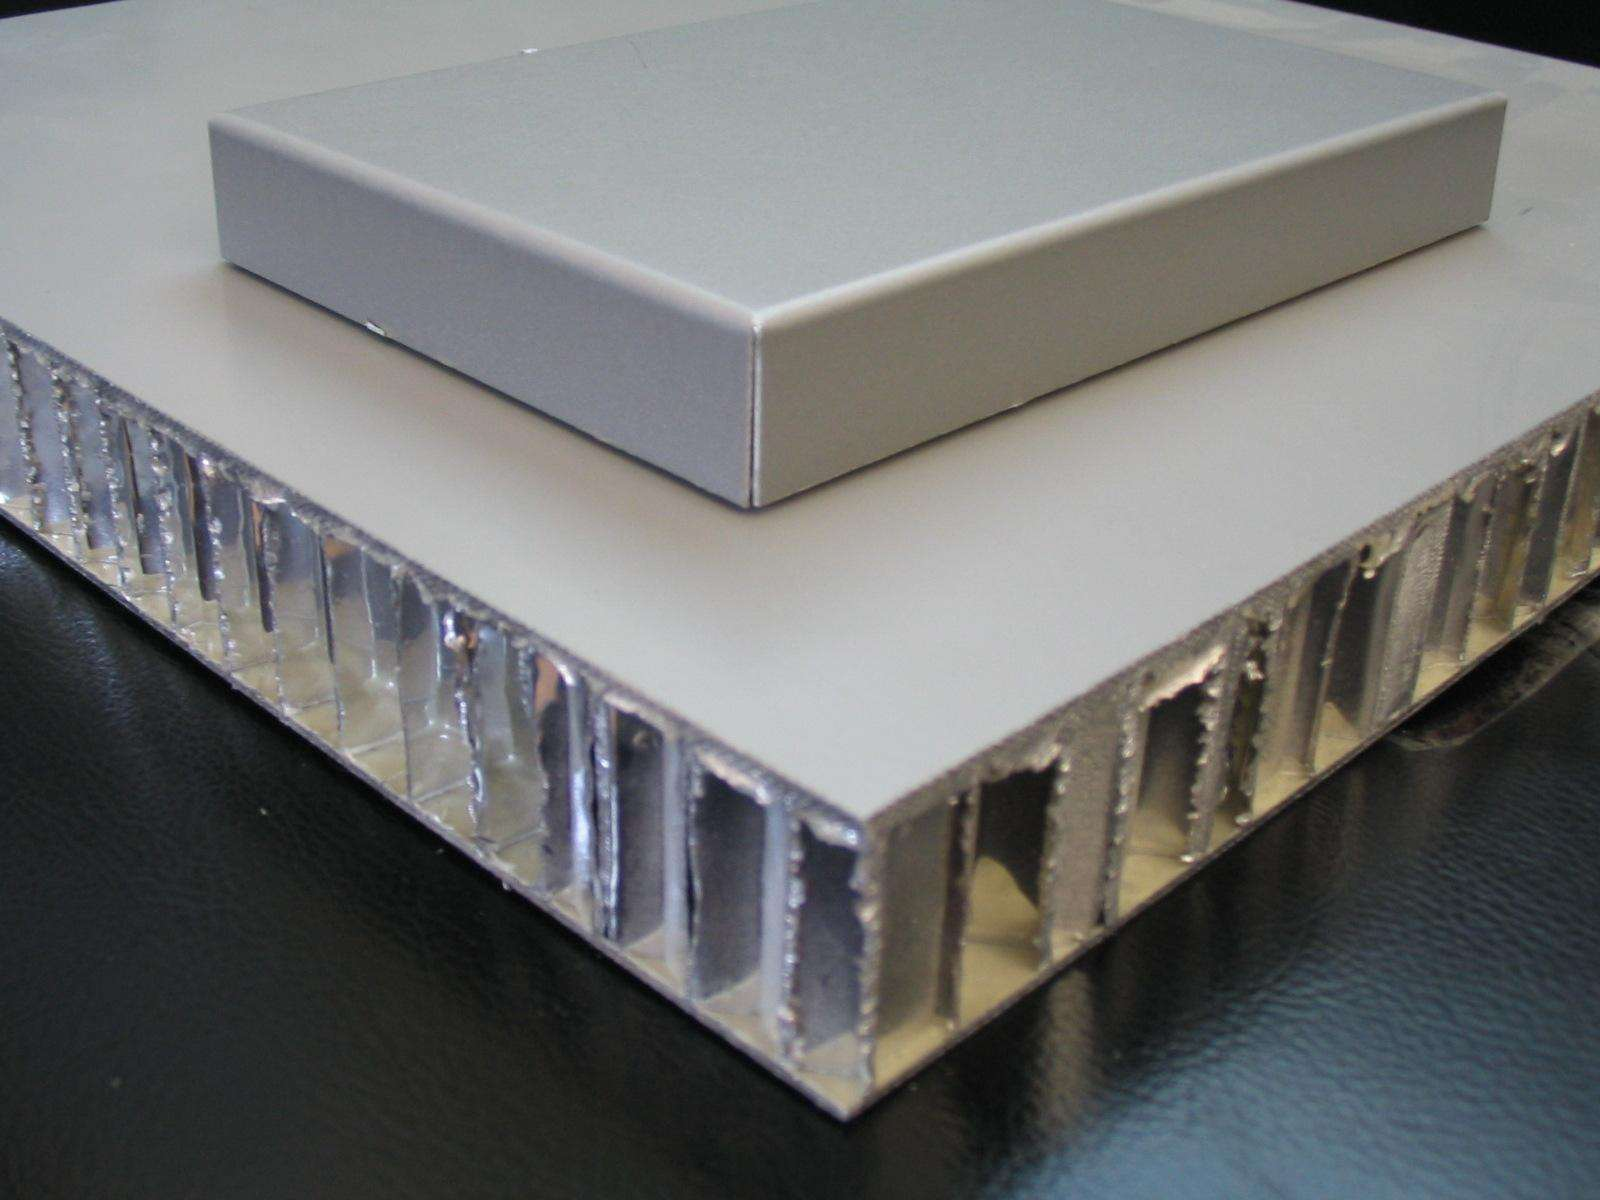 与其他产品相比,蜂窝板的特点是什么?